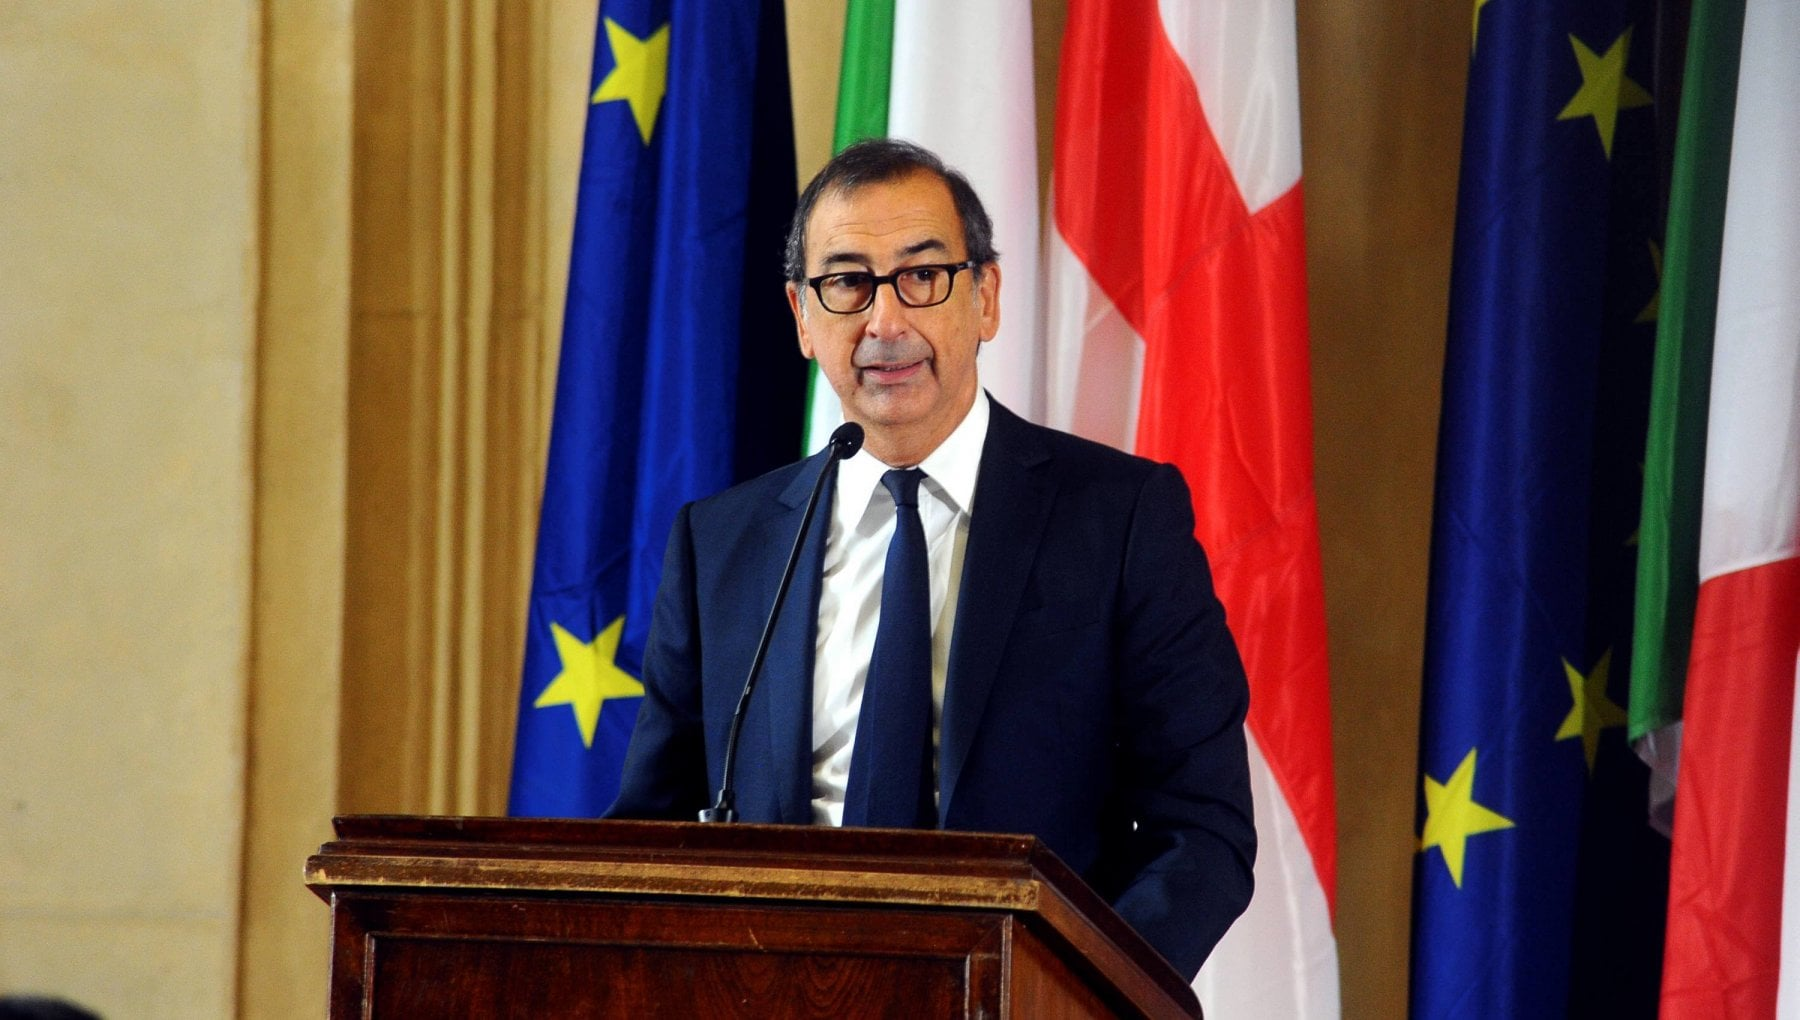 Con Beppe Sala apriamo una nuova fase per lecologismo politico i Verdi rispondono alla chiamata del sindaco di Milano